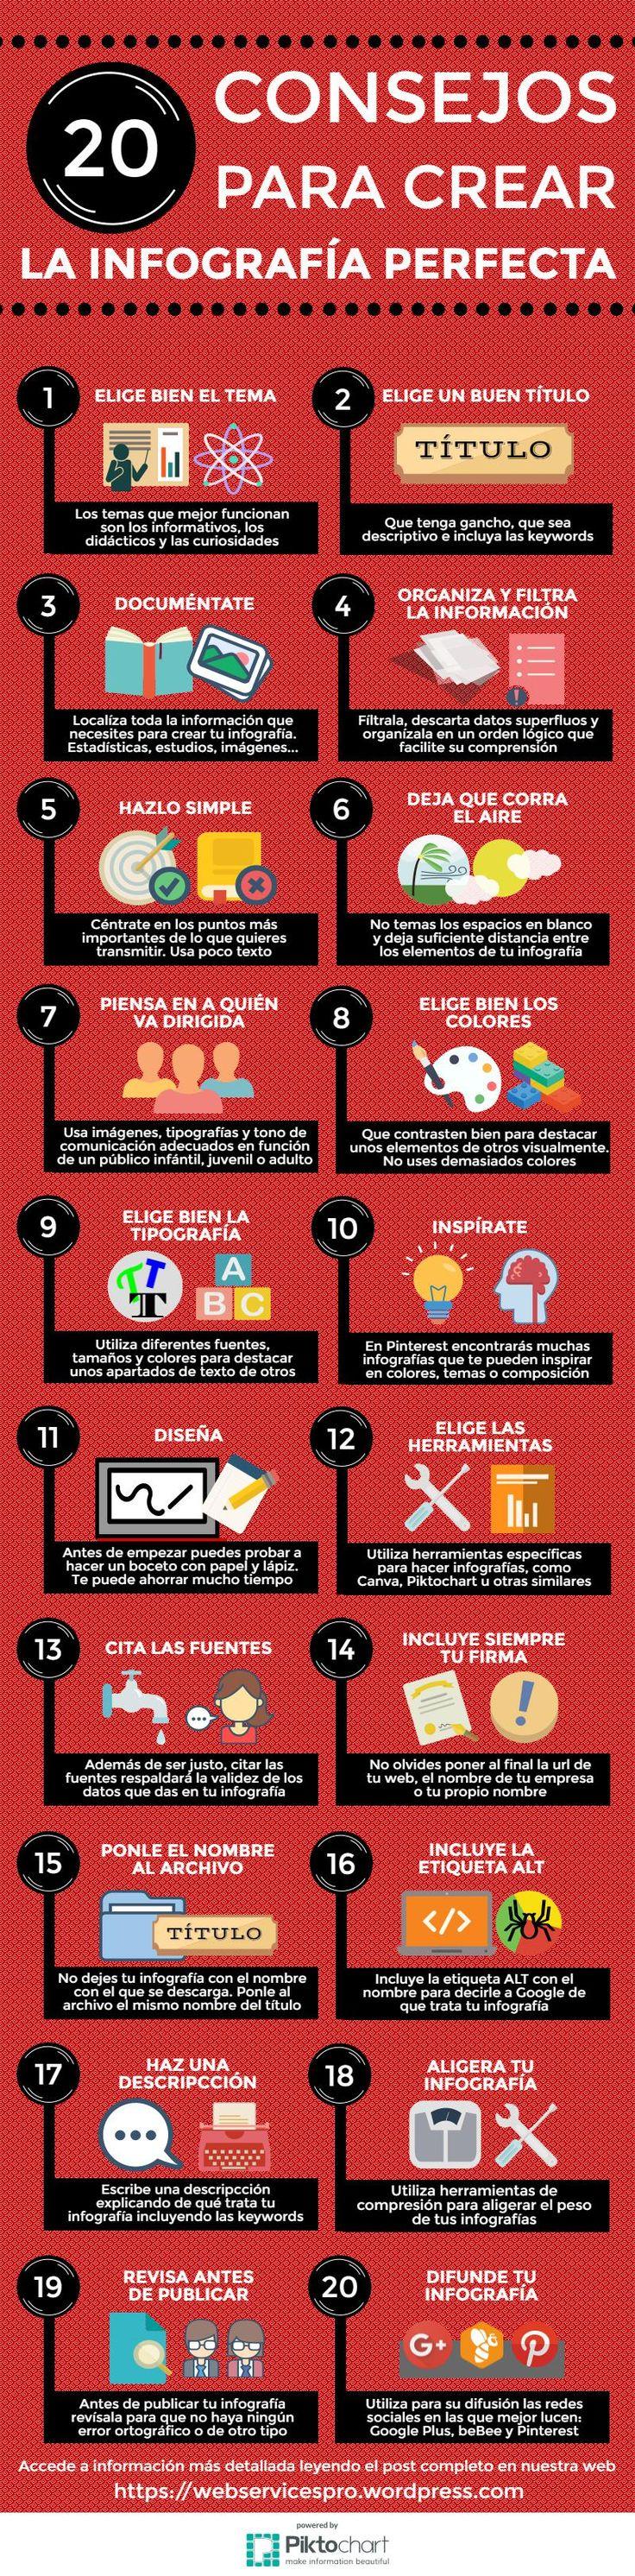 """Los 20 consejos que te ayudarán a crear #Infografias perfectaS y además optimizarlas para #SEO    alt=""""20 consejos para crear la infografia perfecta"""""""